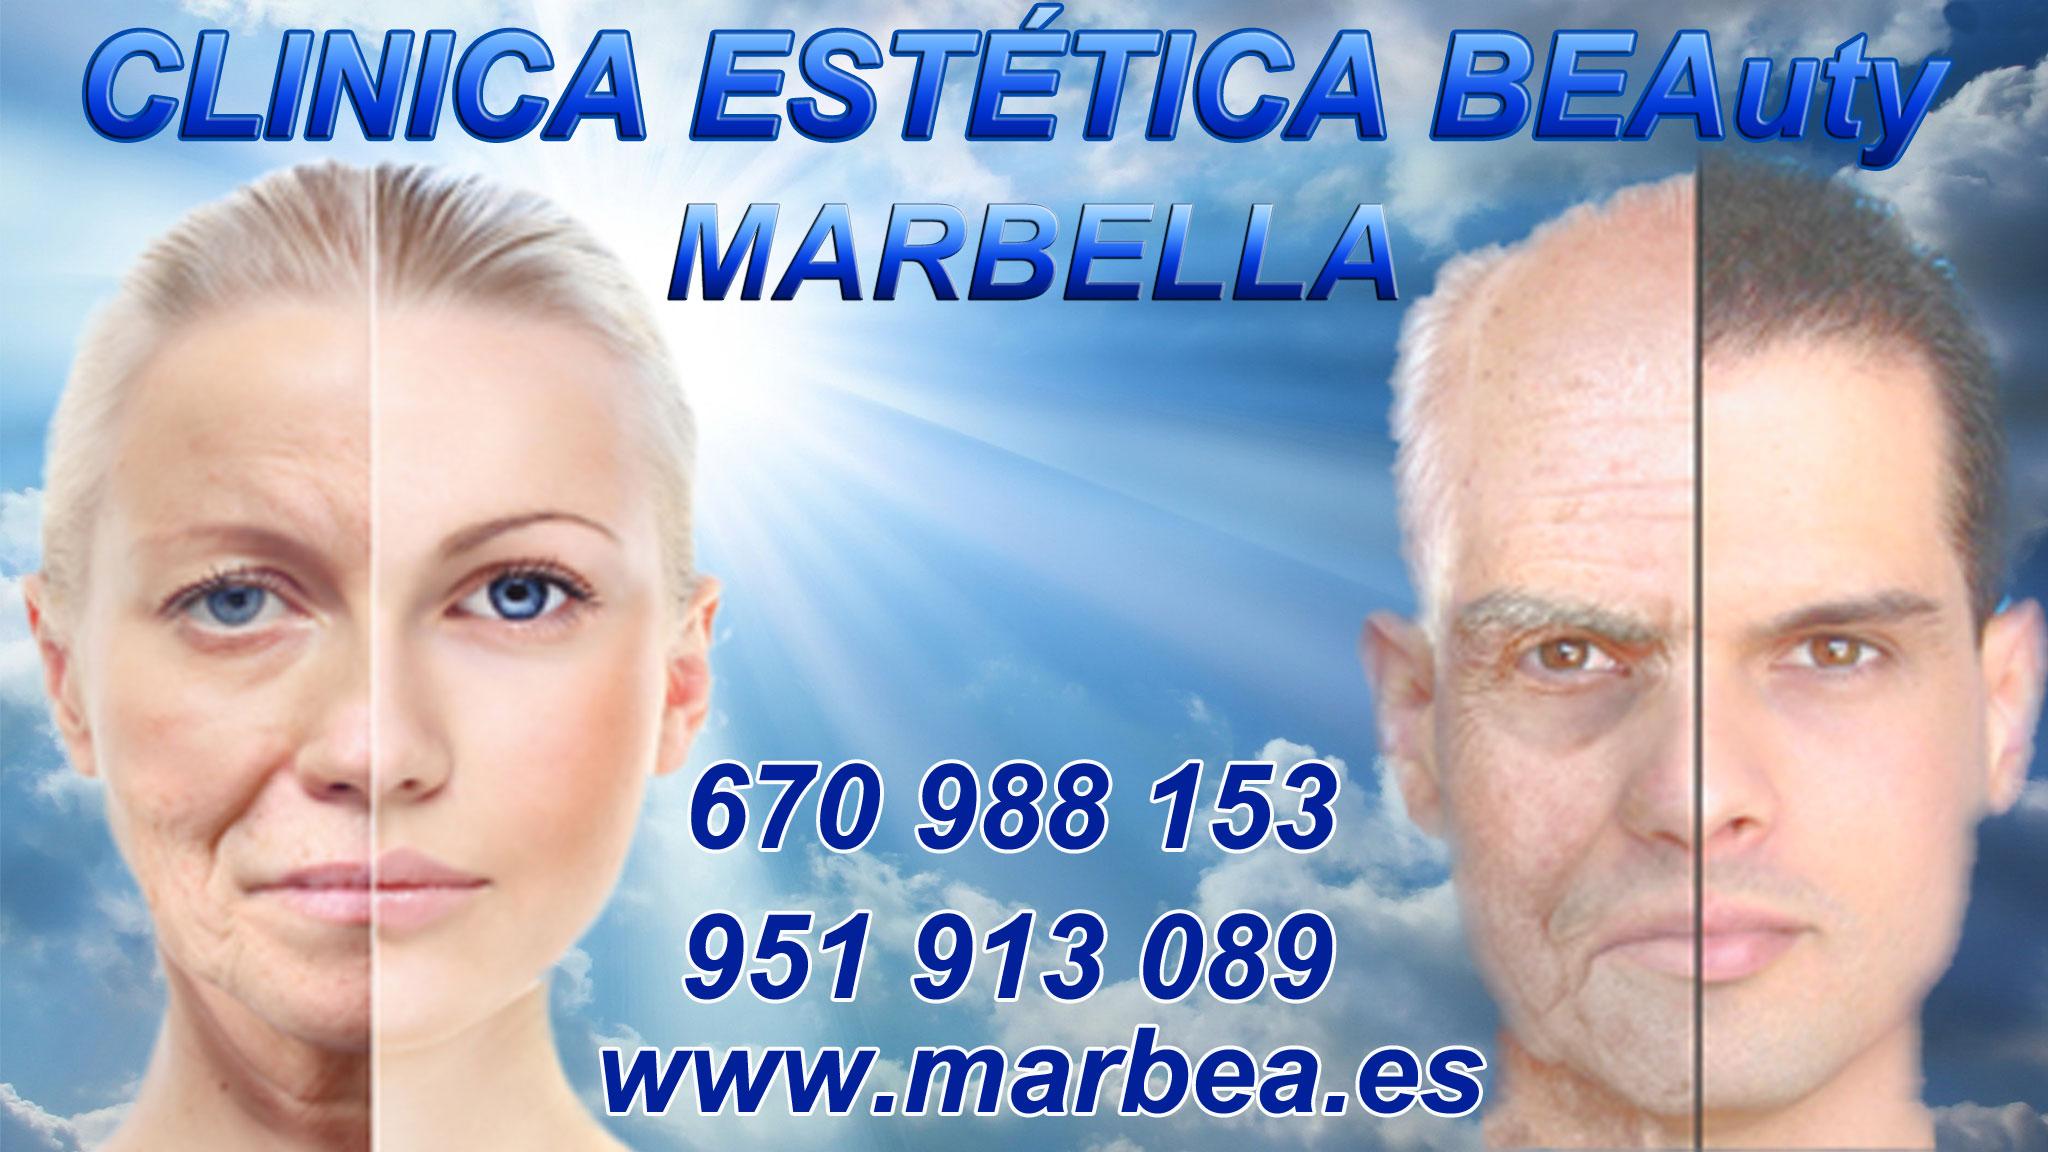 micropigmentaci capilar Marbella Clica Estica y Tratamiento de coleno para el cabello Marbella